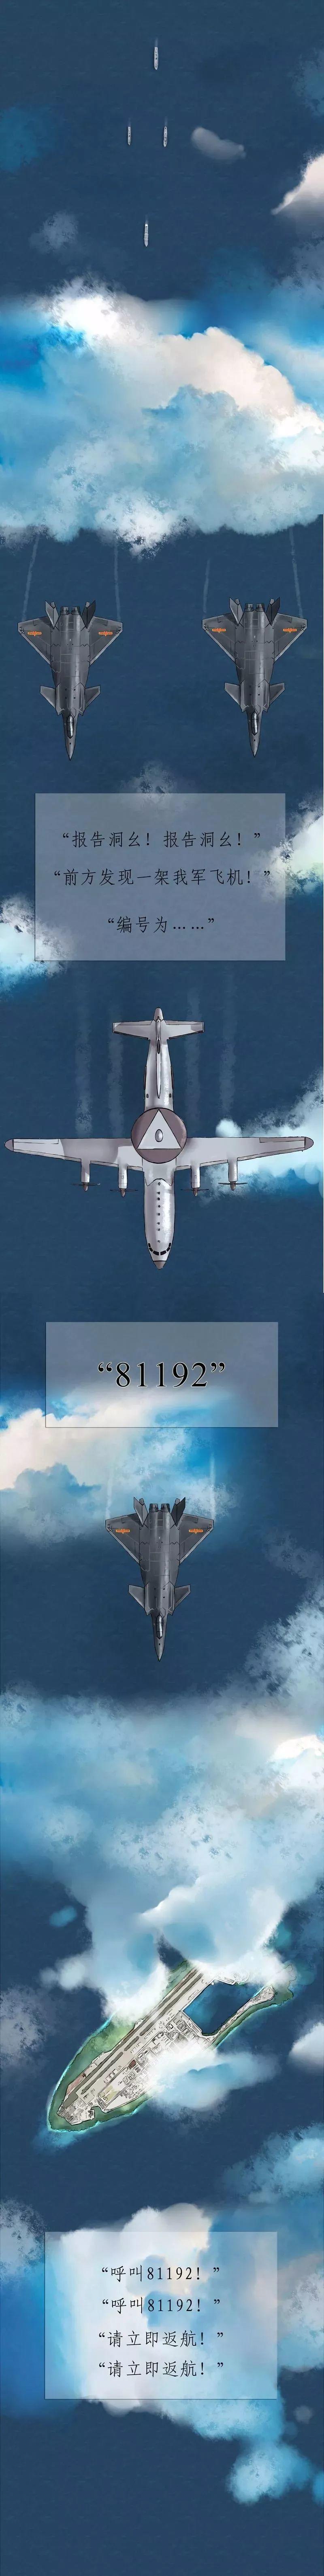 81192,我们永远等你返航!